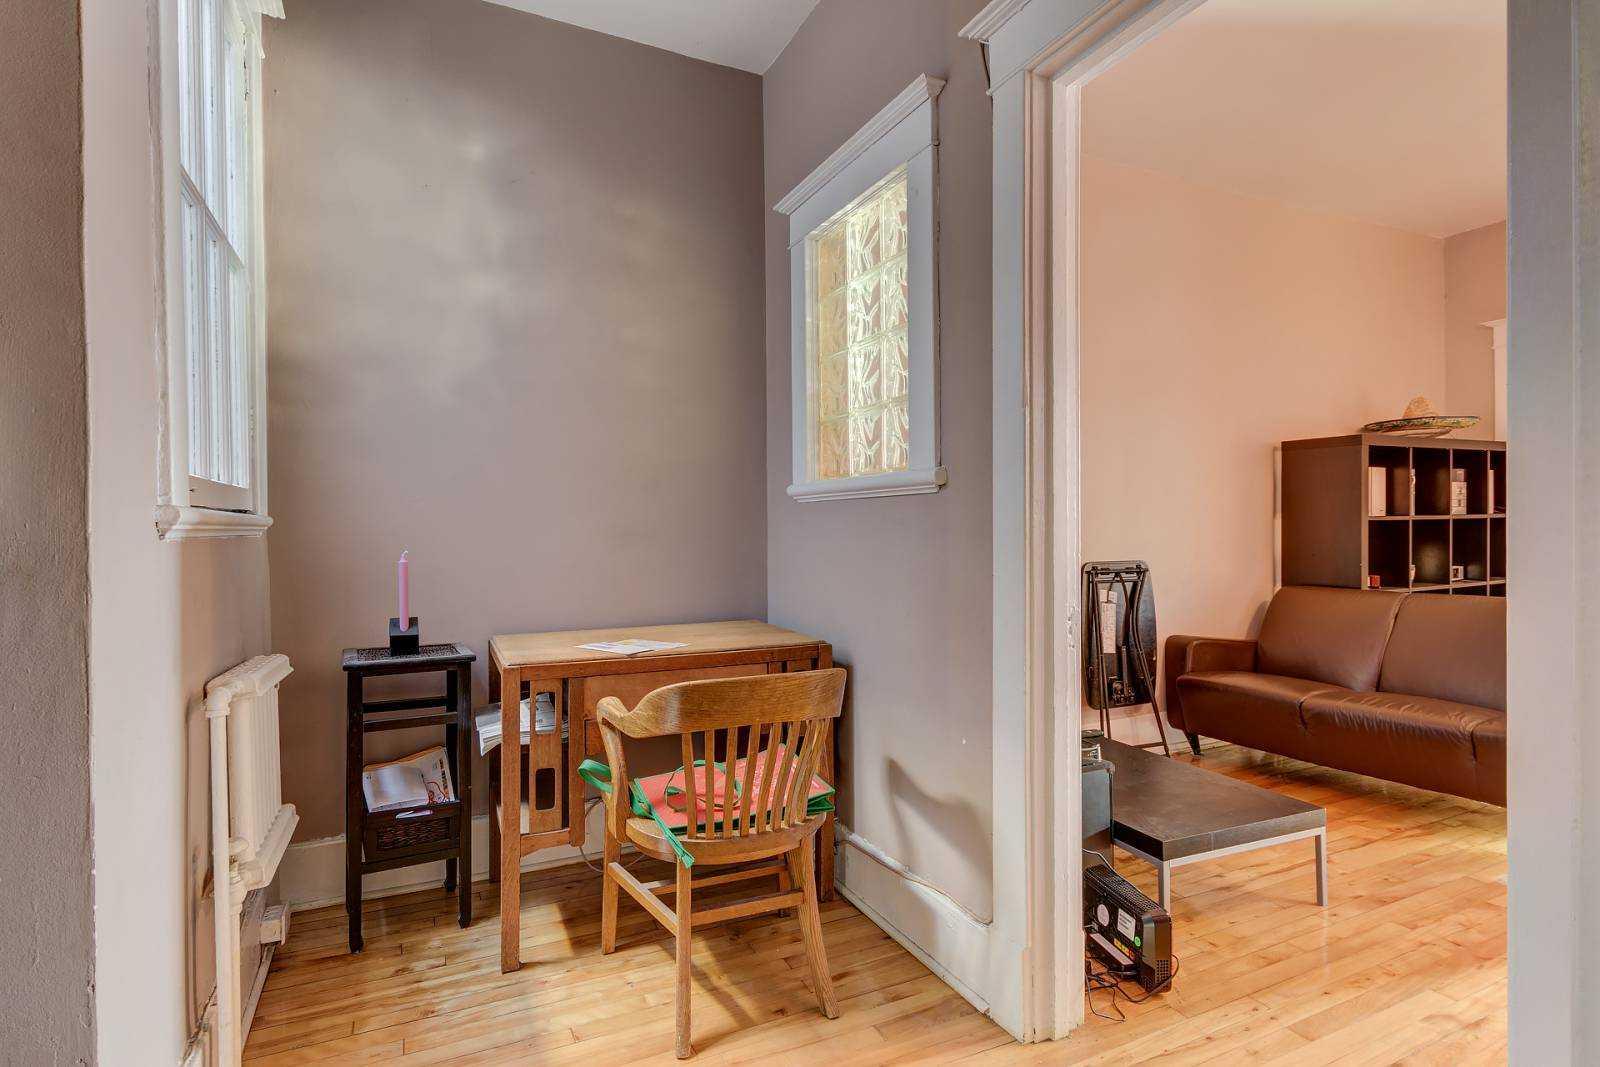 rooms-to-rent-mtl-desk